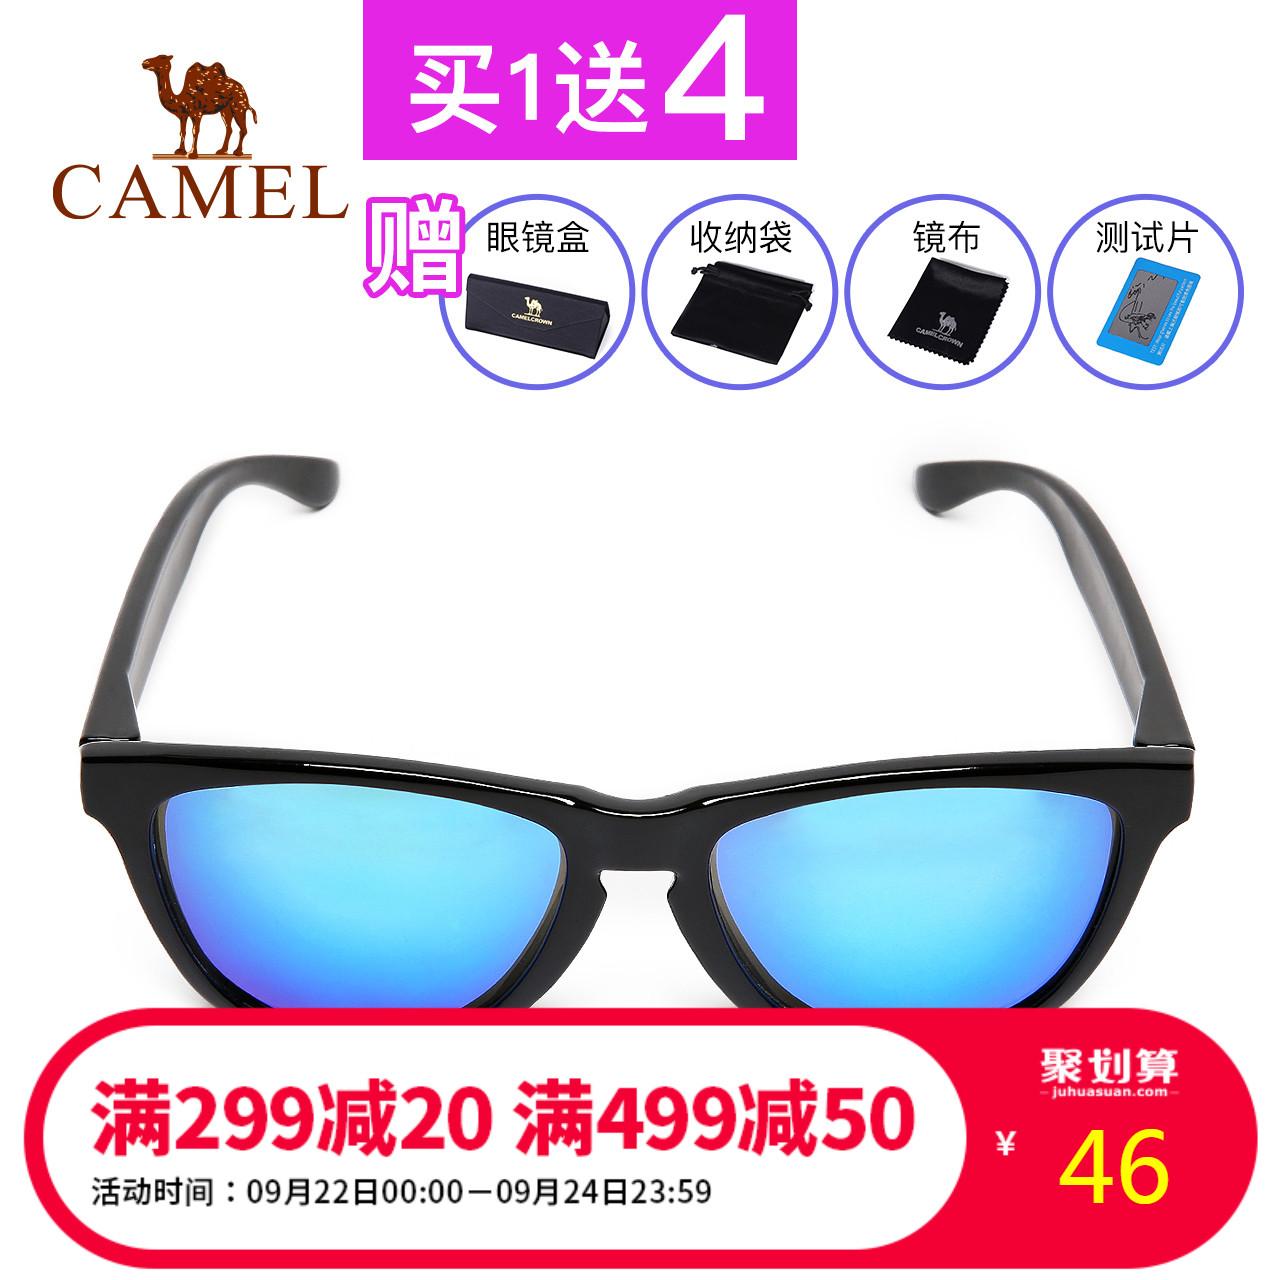 骆驼户外太阳眼镜 男女通用户外徒步登山遮阳太阳镜